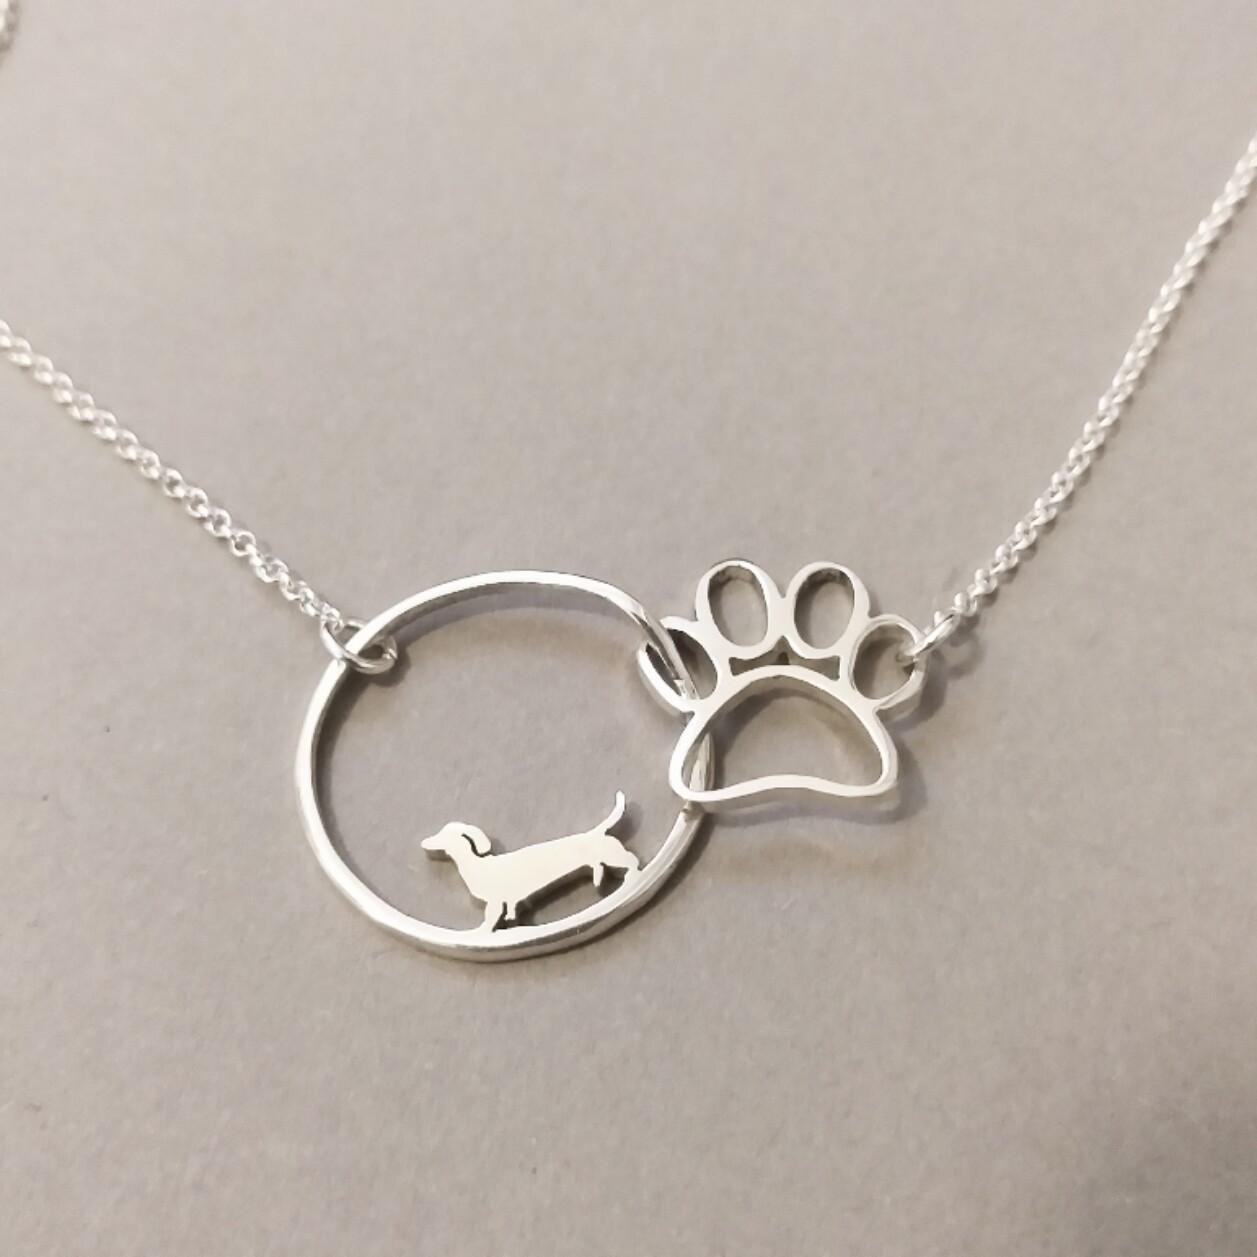 Dachshund Paw & Circle - Pendant & Chain